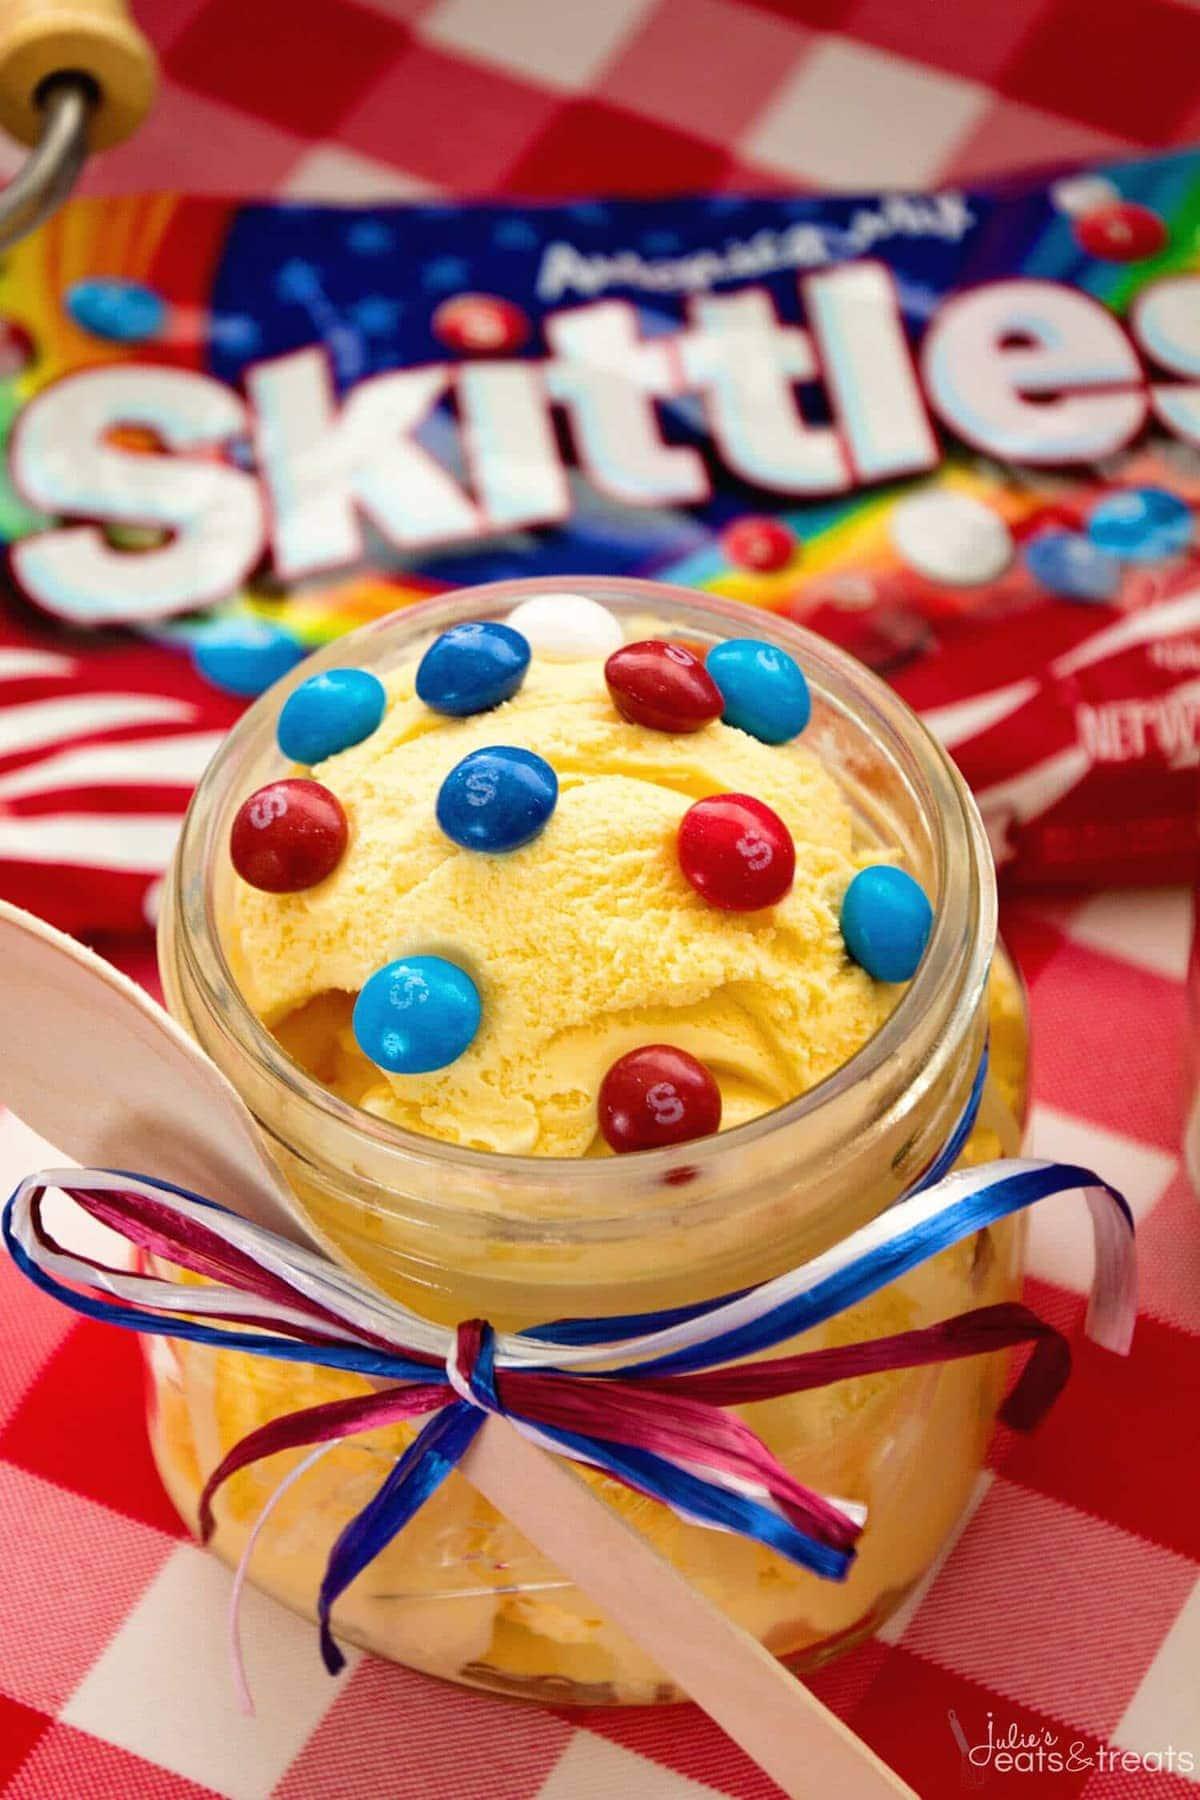 DIY Sundae Ice Cream Bar Party ~ Cool Off This Summer With A Festive DIY  Sundae